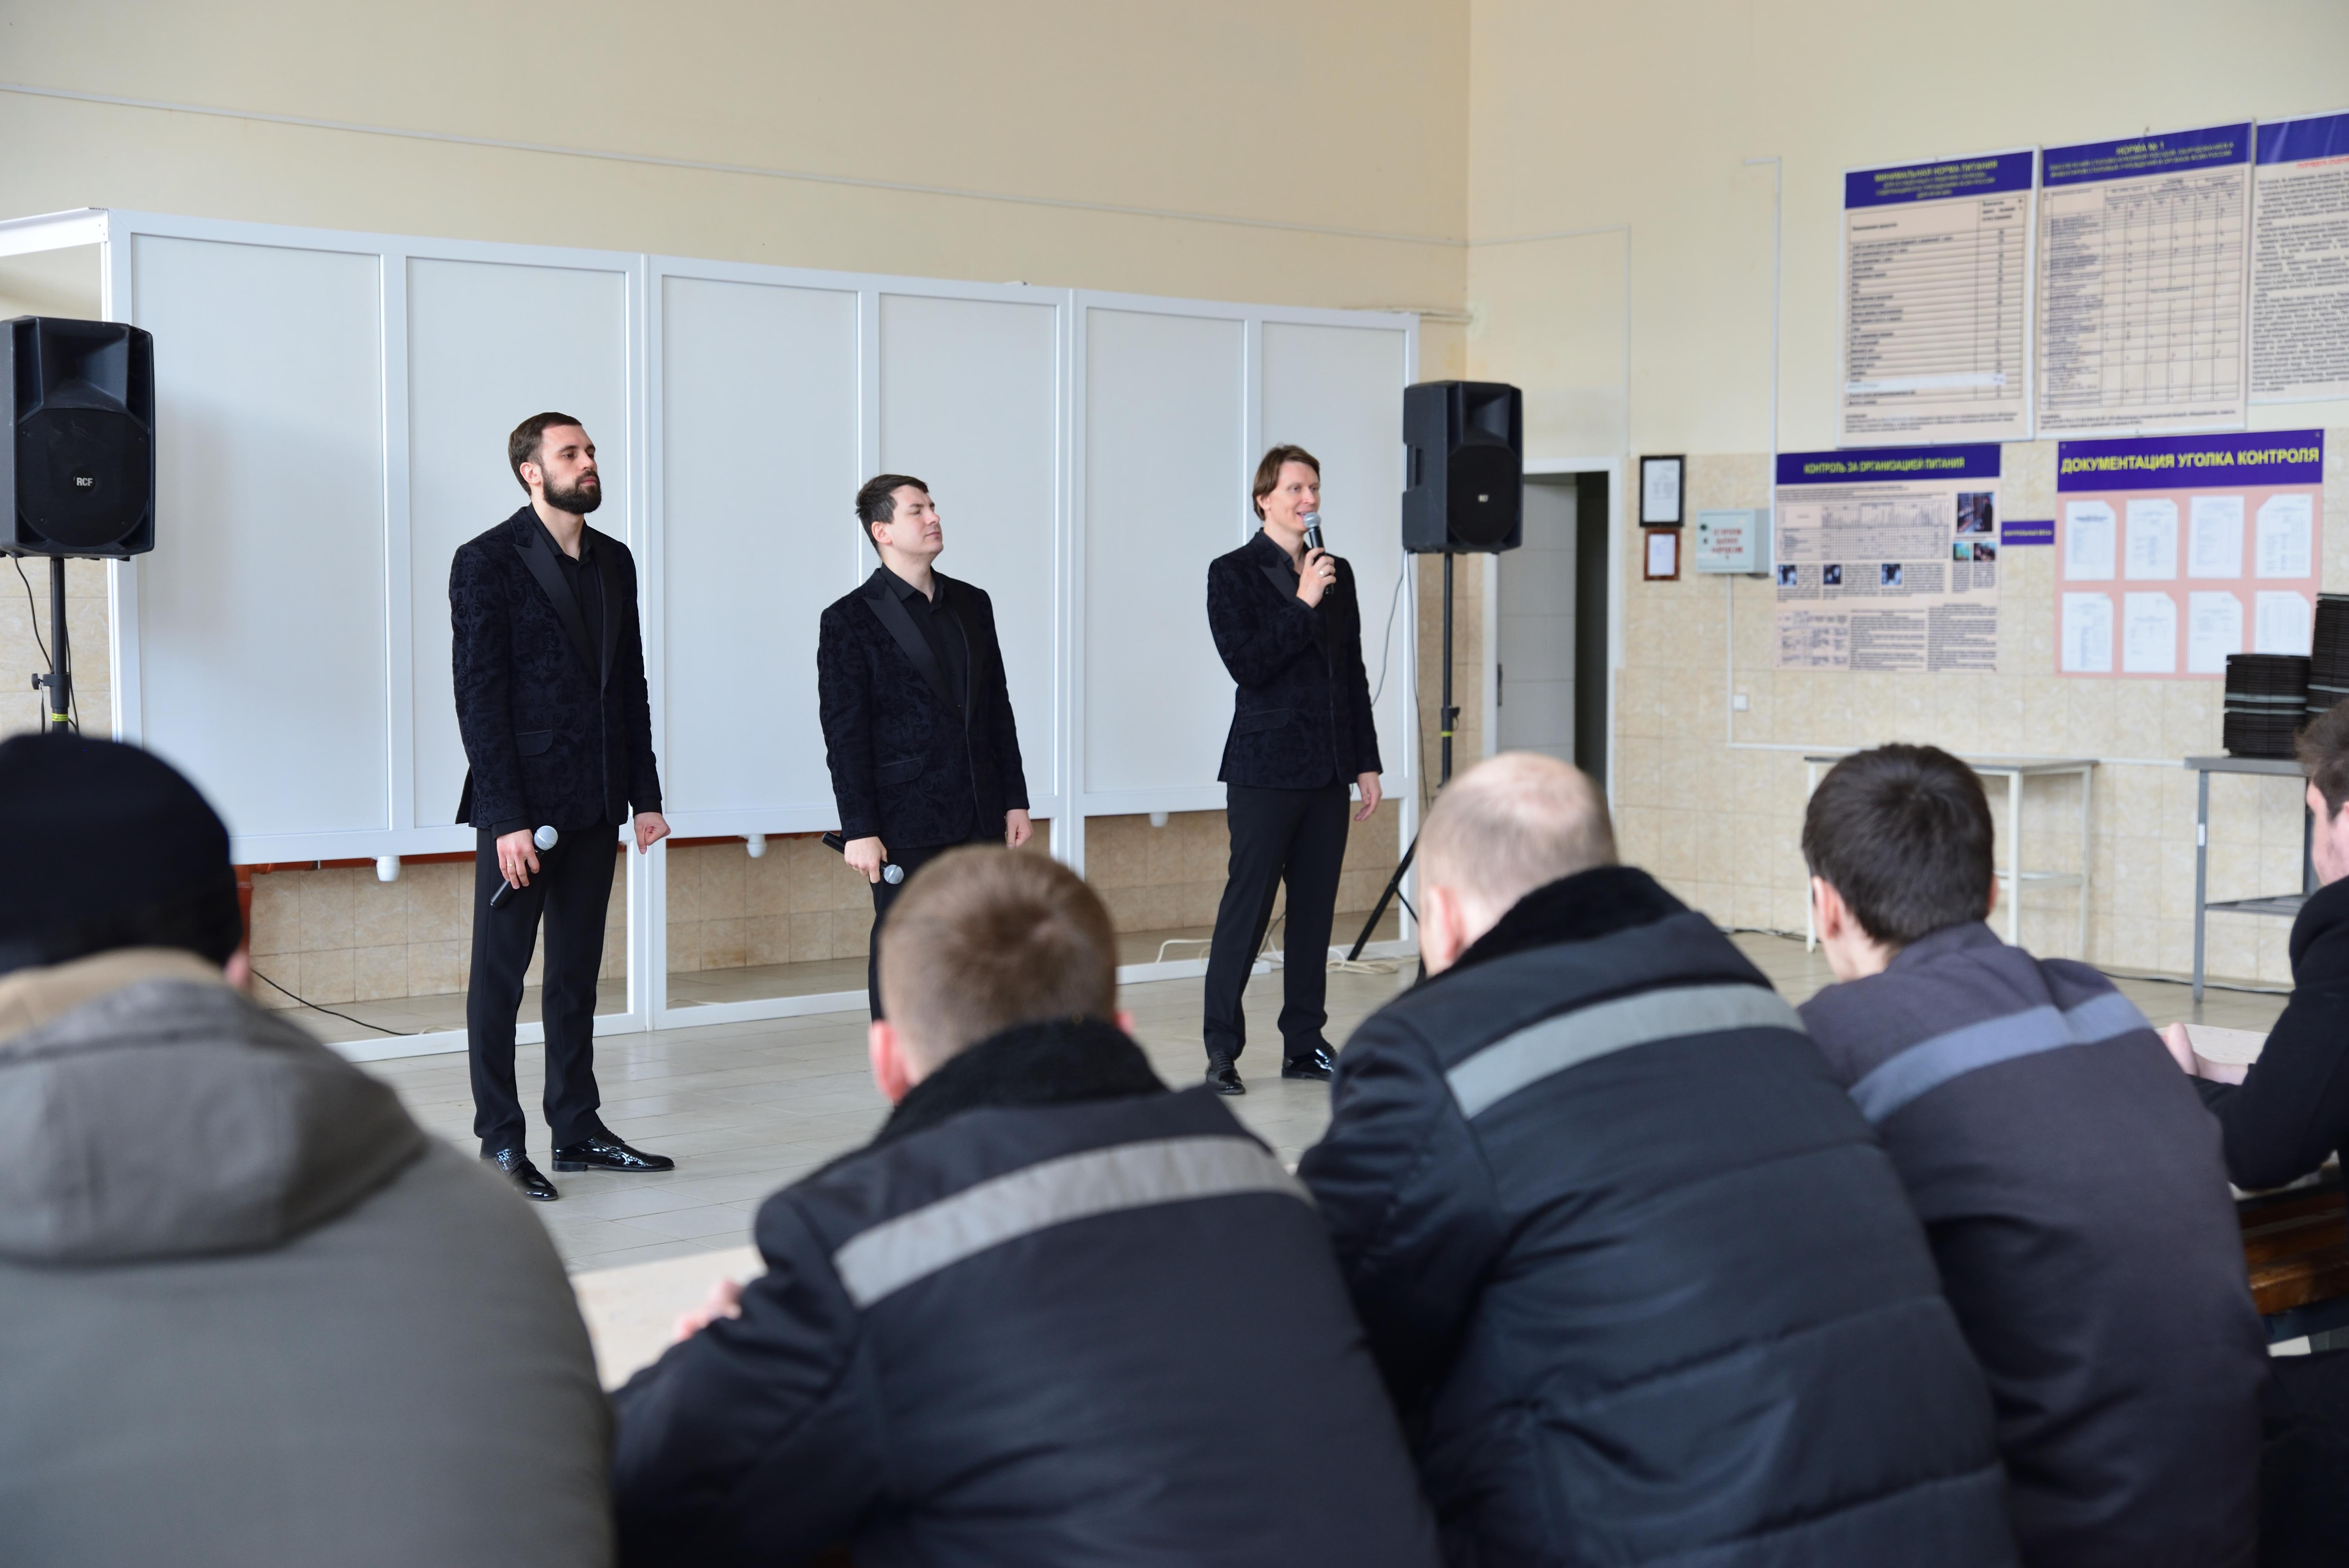 Победители «Битвы хоров» - трио «LARGO» - выступили в исправительной колонии № 2 УФСИН России по Республике Адыгея